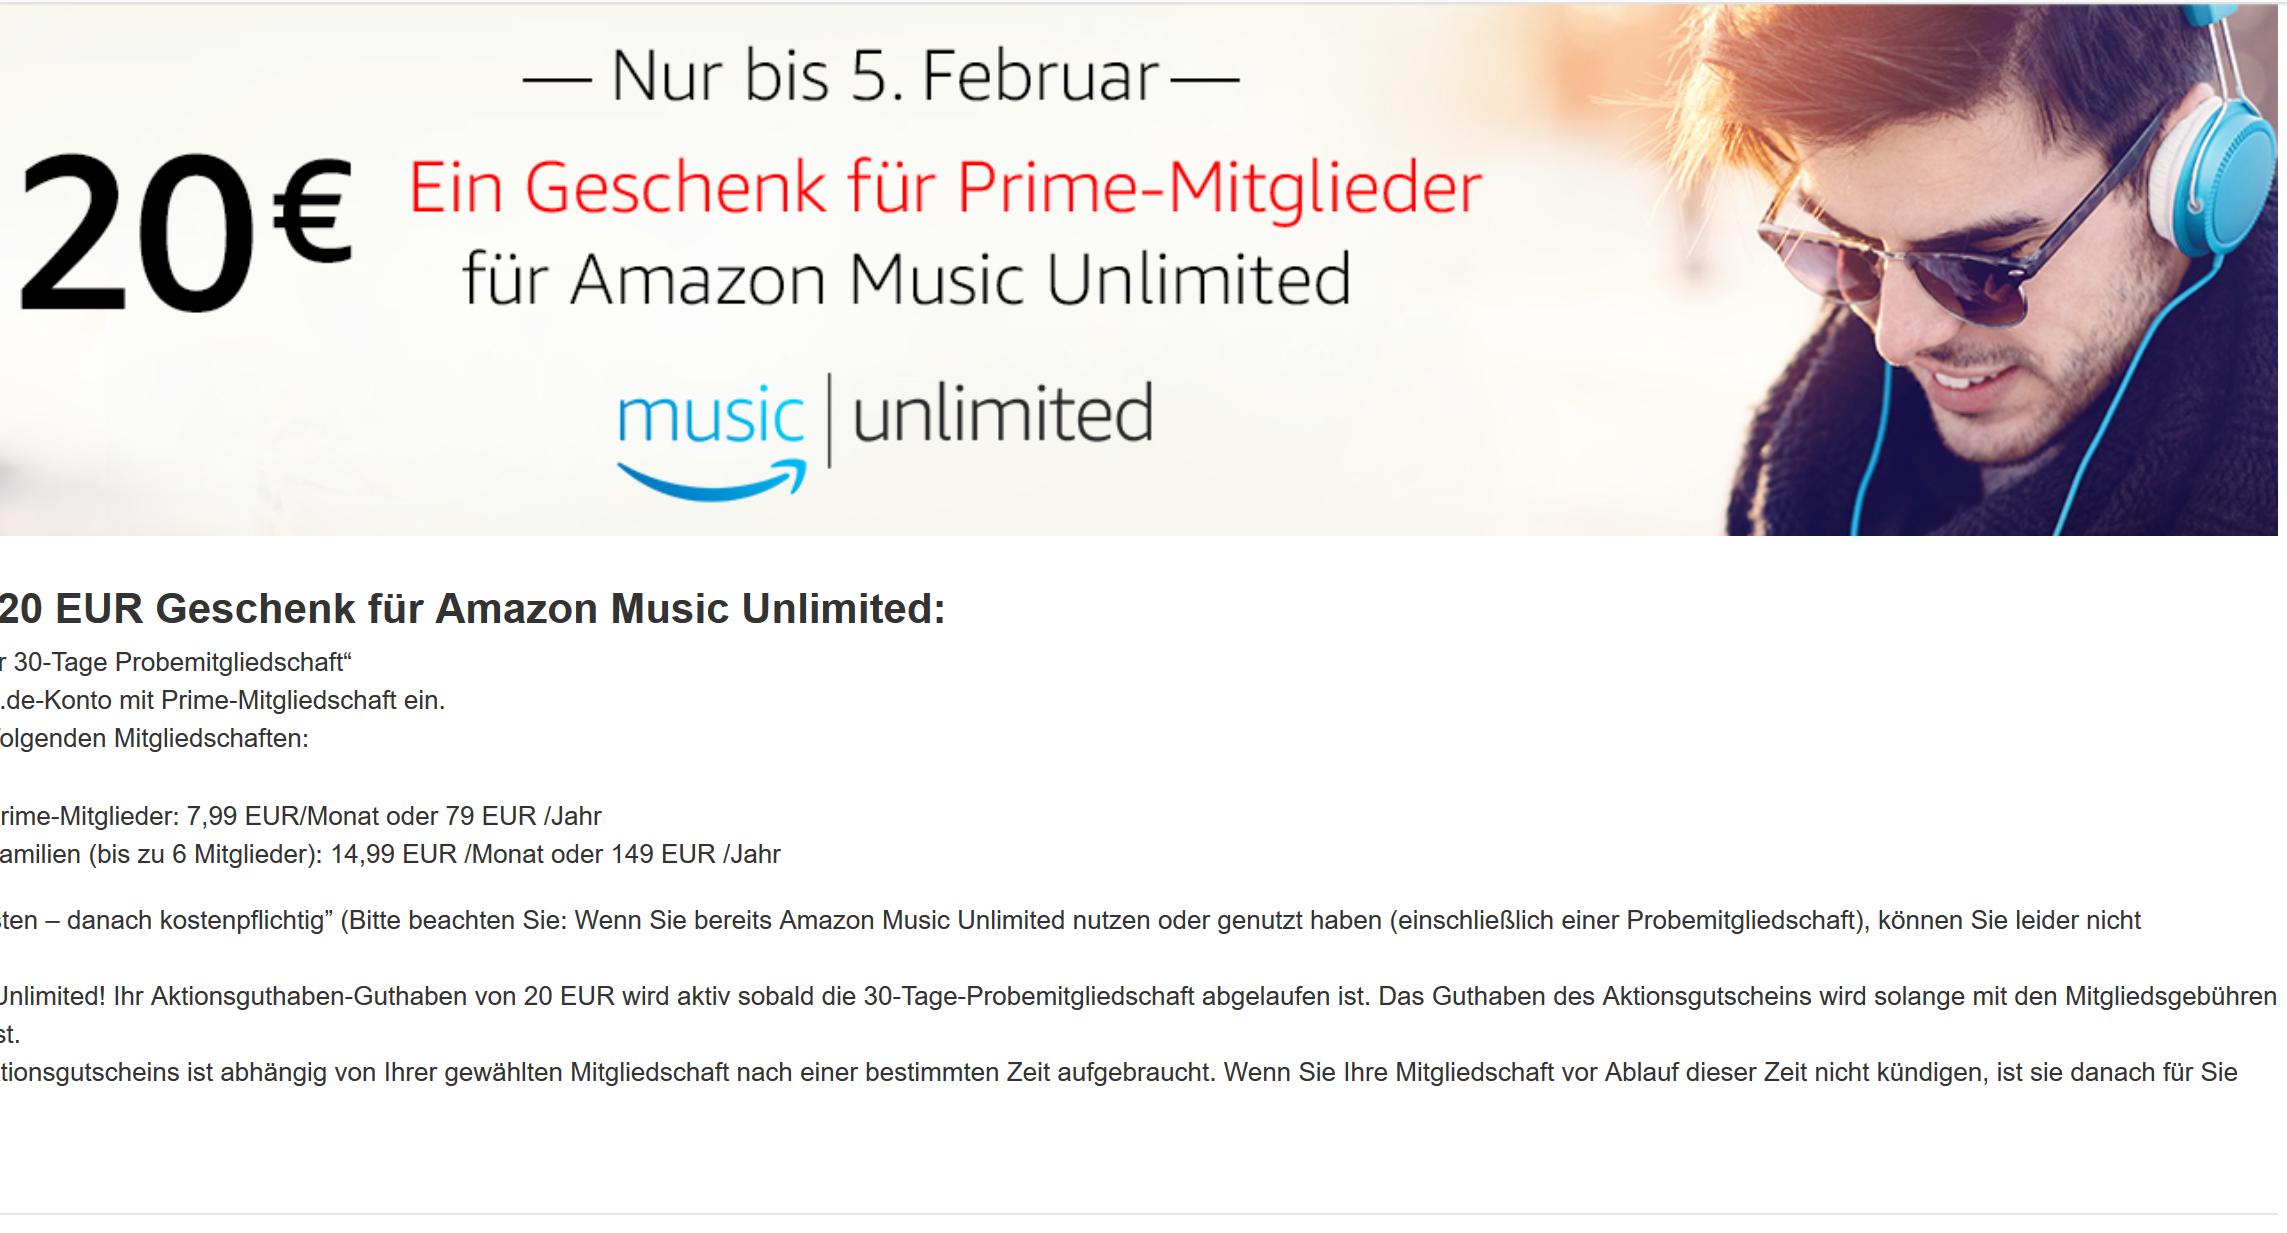 Amazon 20 € Gutschein für Amazon Music Unlimited für Prime Mitglieder